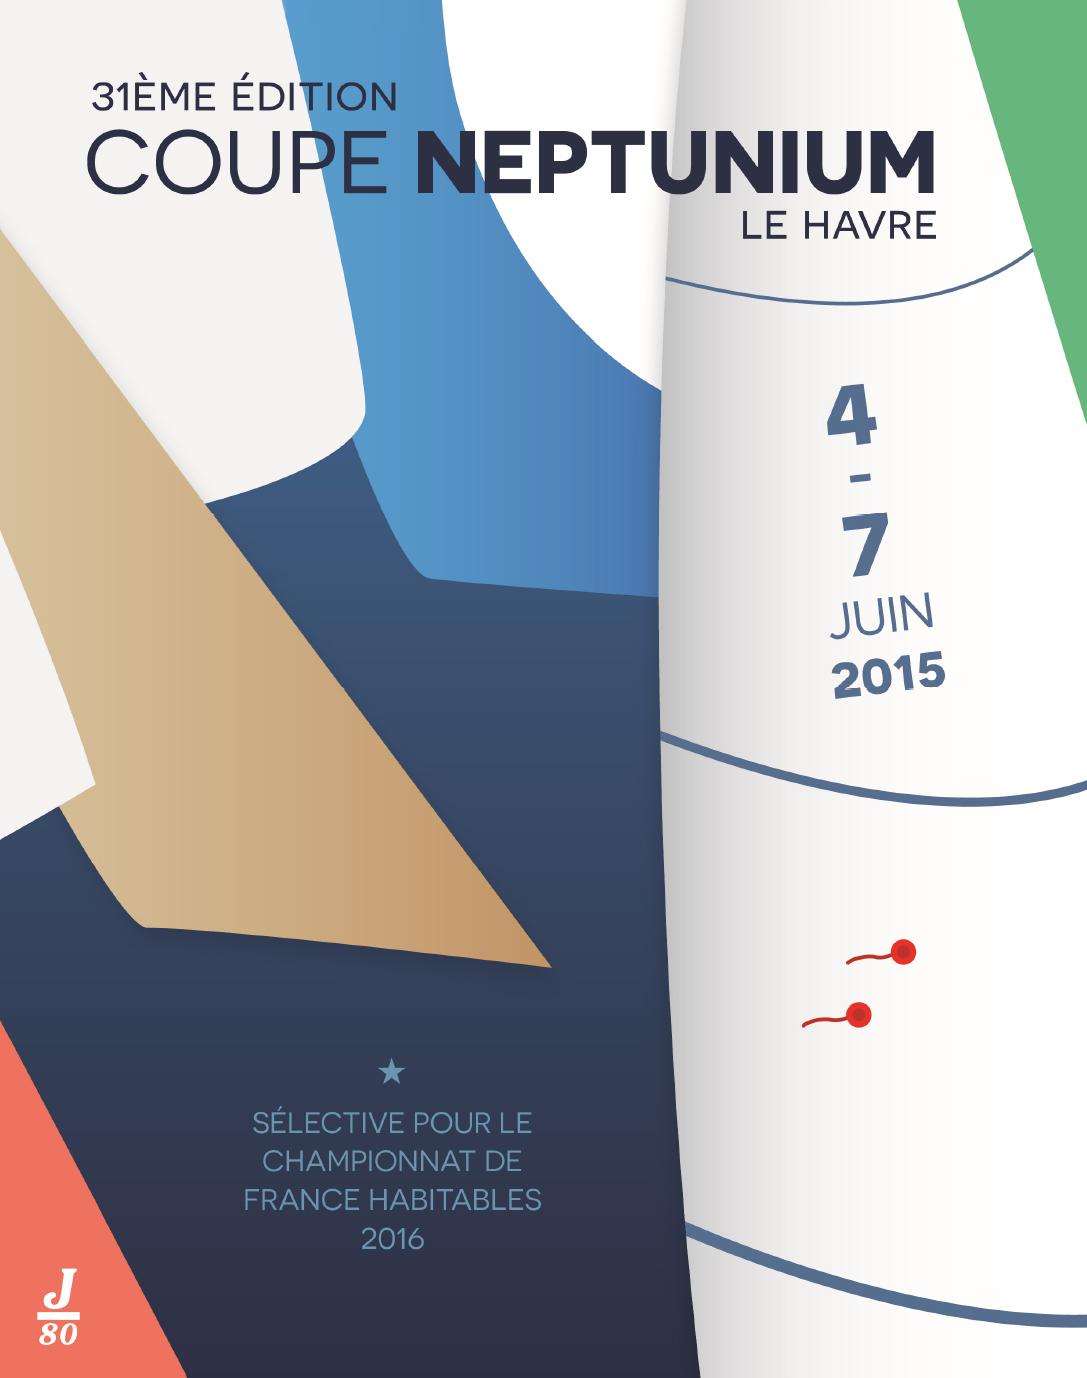 31ème Coupe Neptunium – Il reste  2 places !